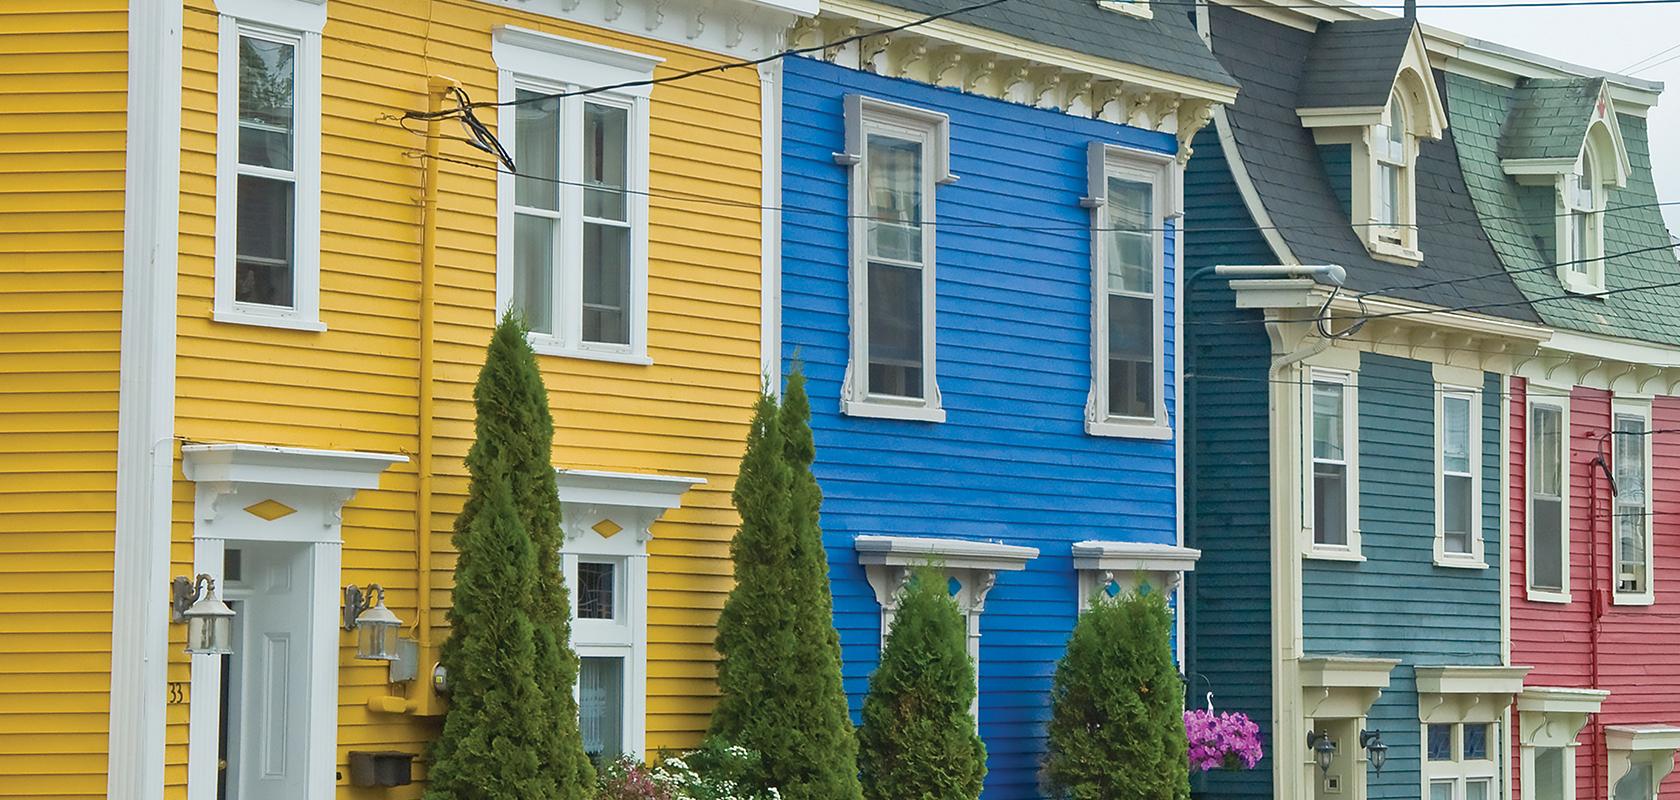 st. john's houses street scene